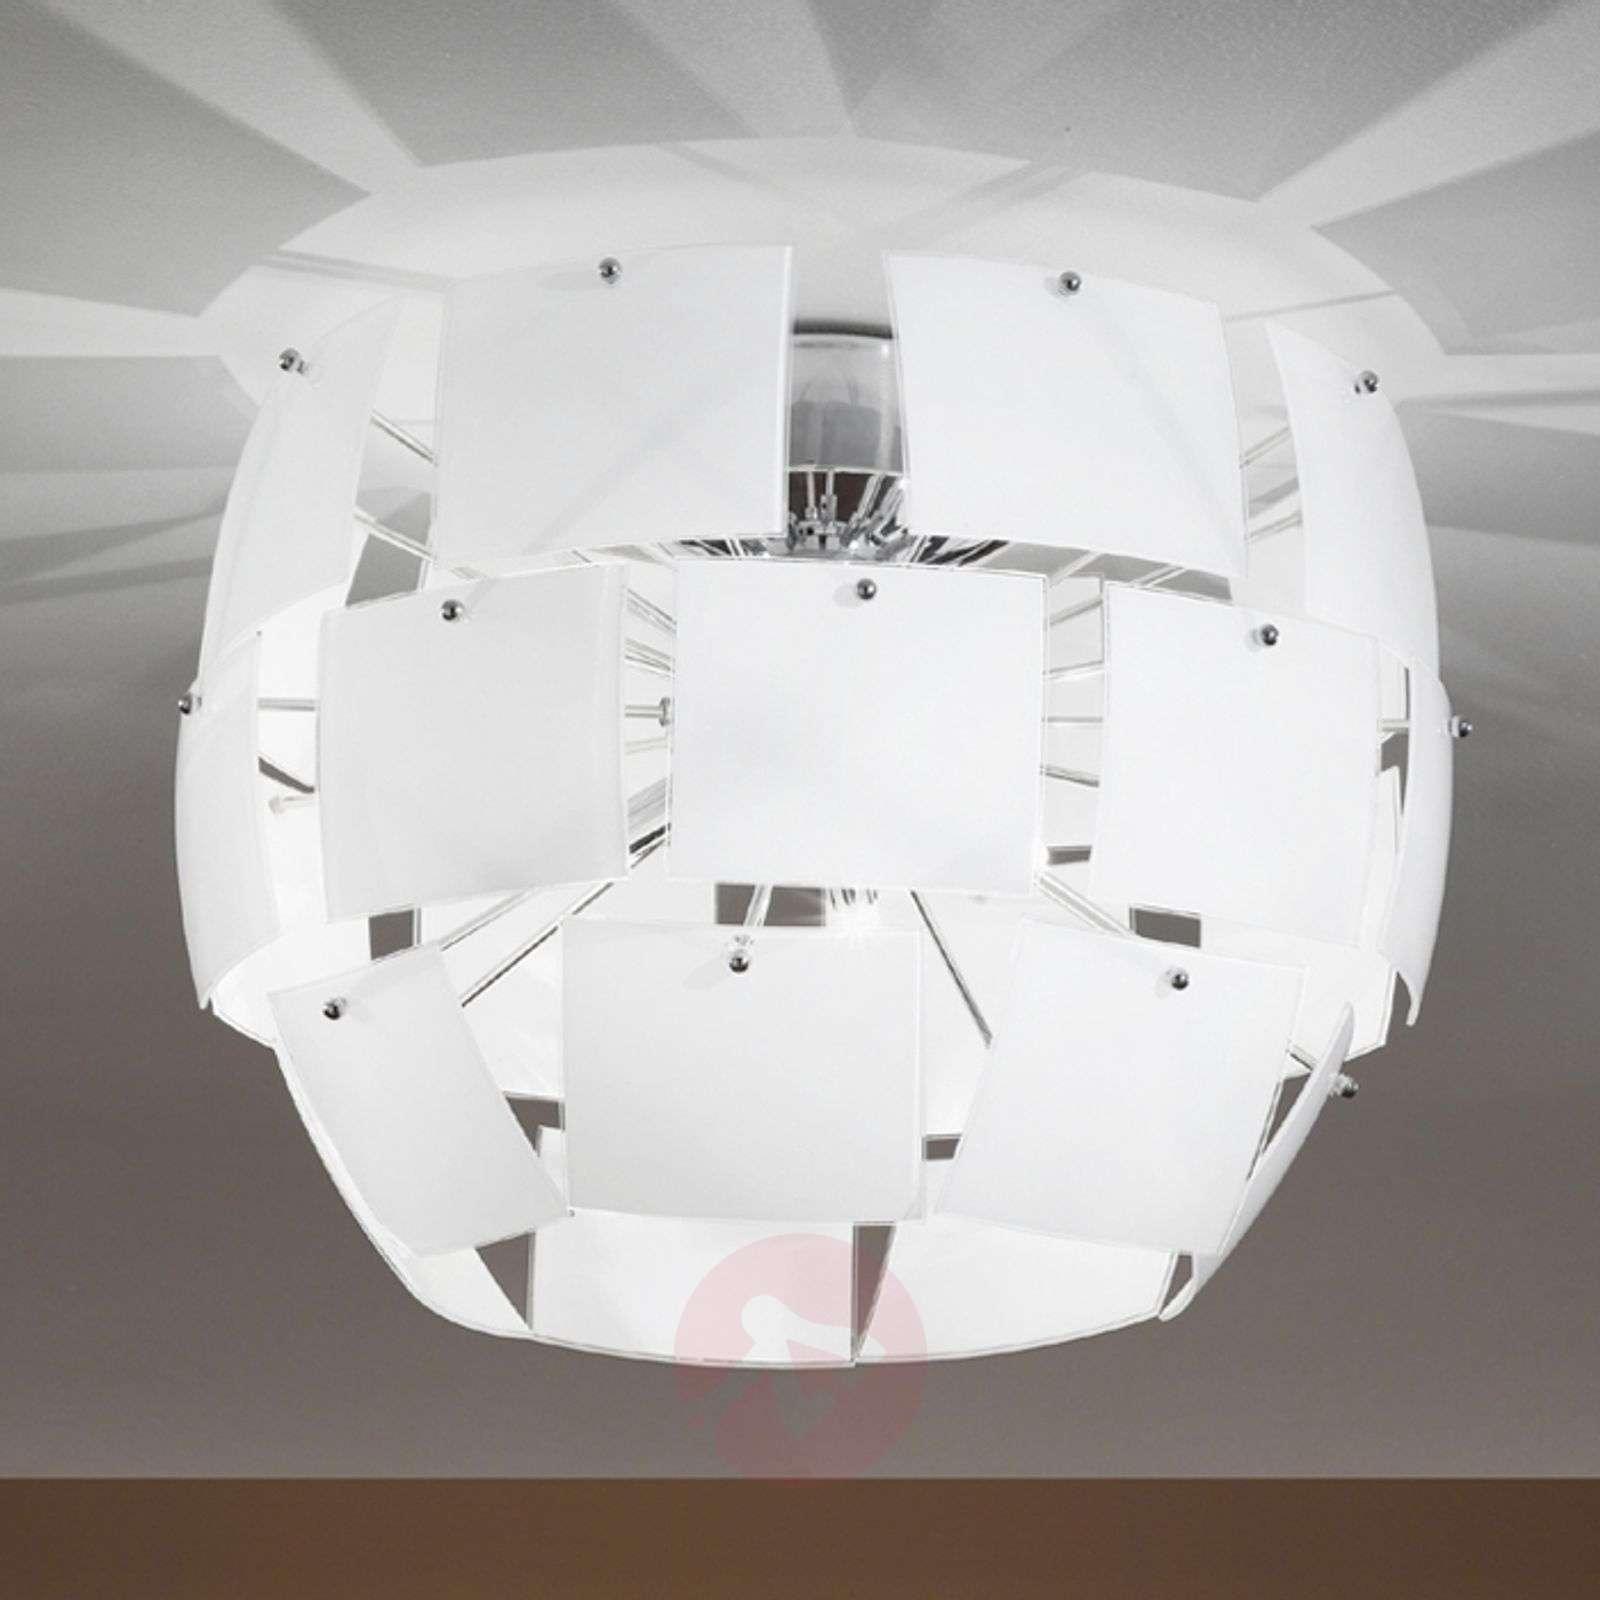 Hienostunut Urania-kattovalaisin, valkoinen-3502030-01